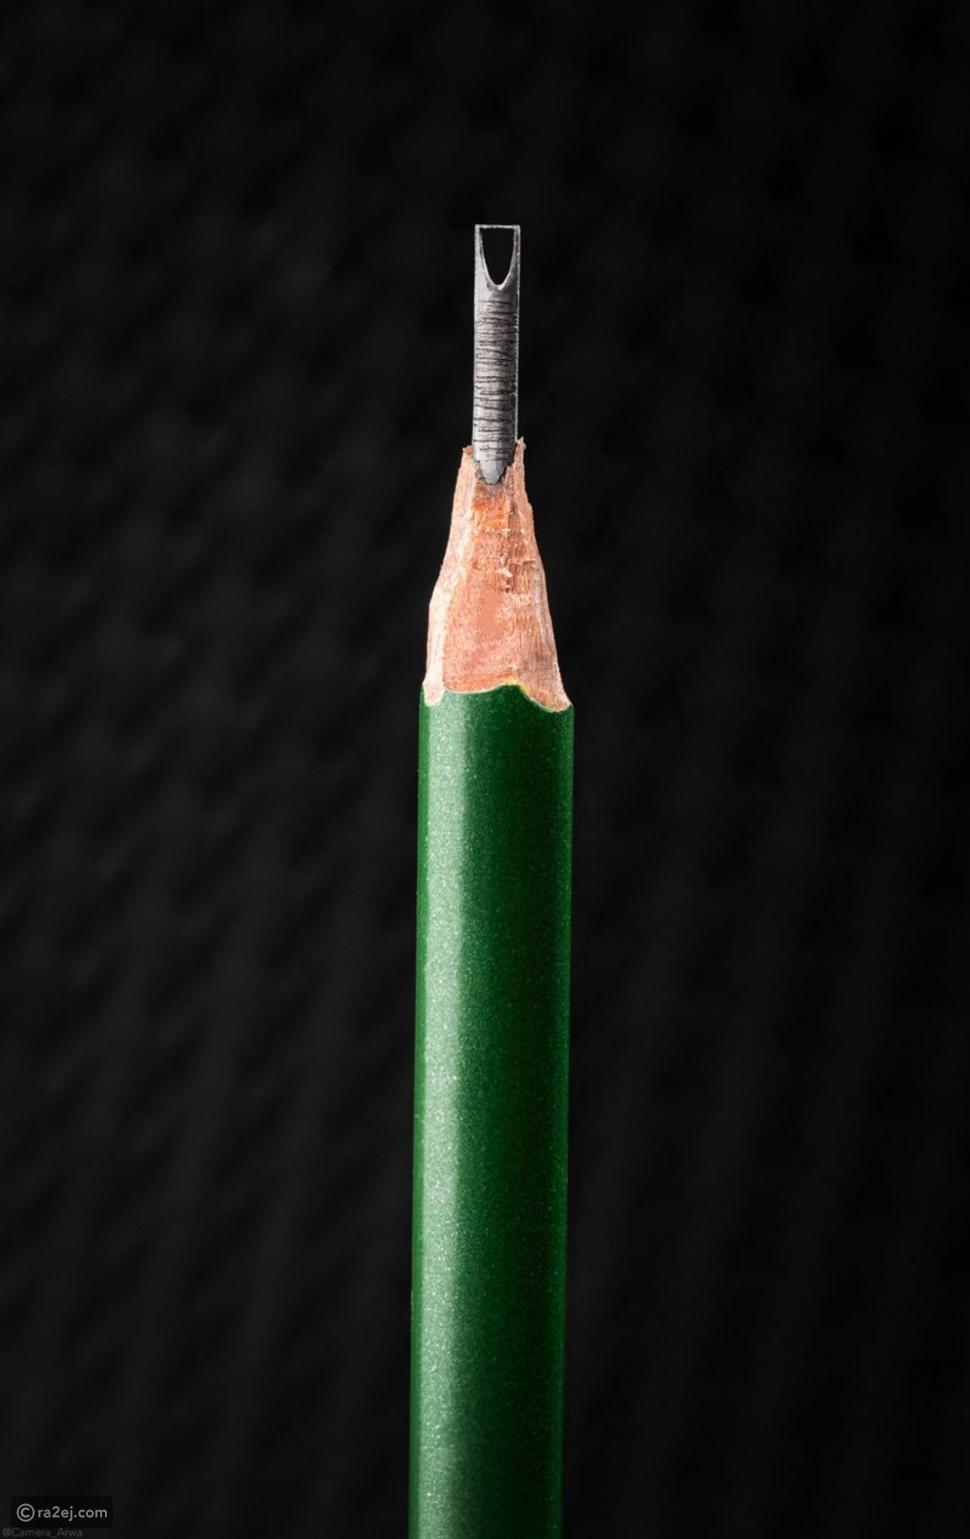 برج السعودية منحوت على قلم رصاص: قصة صورة شغلت السوشيال ميديا